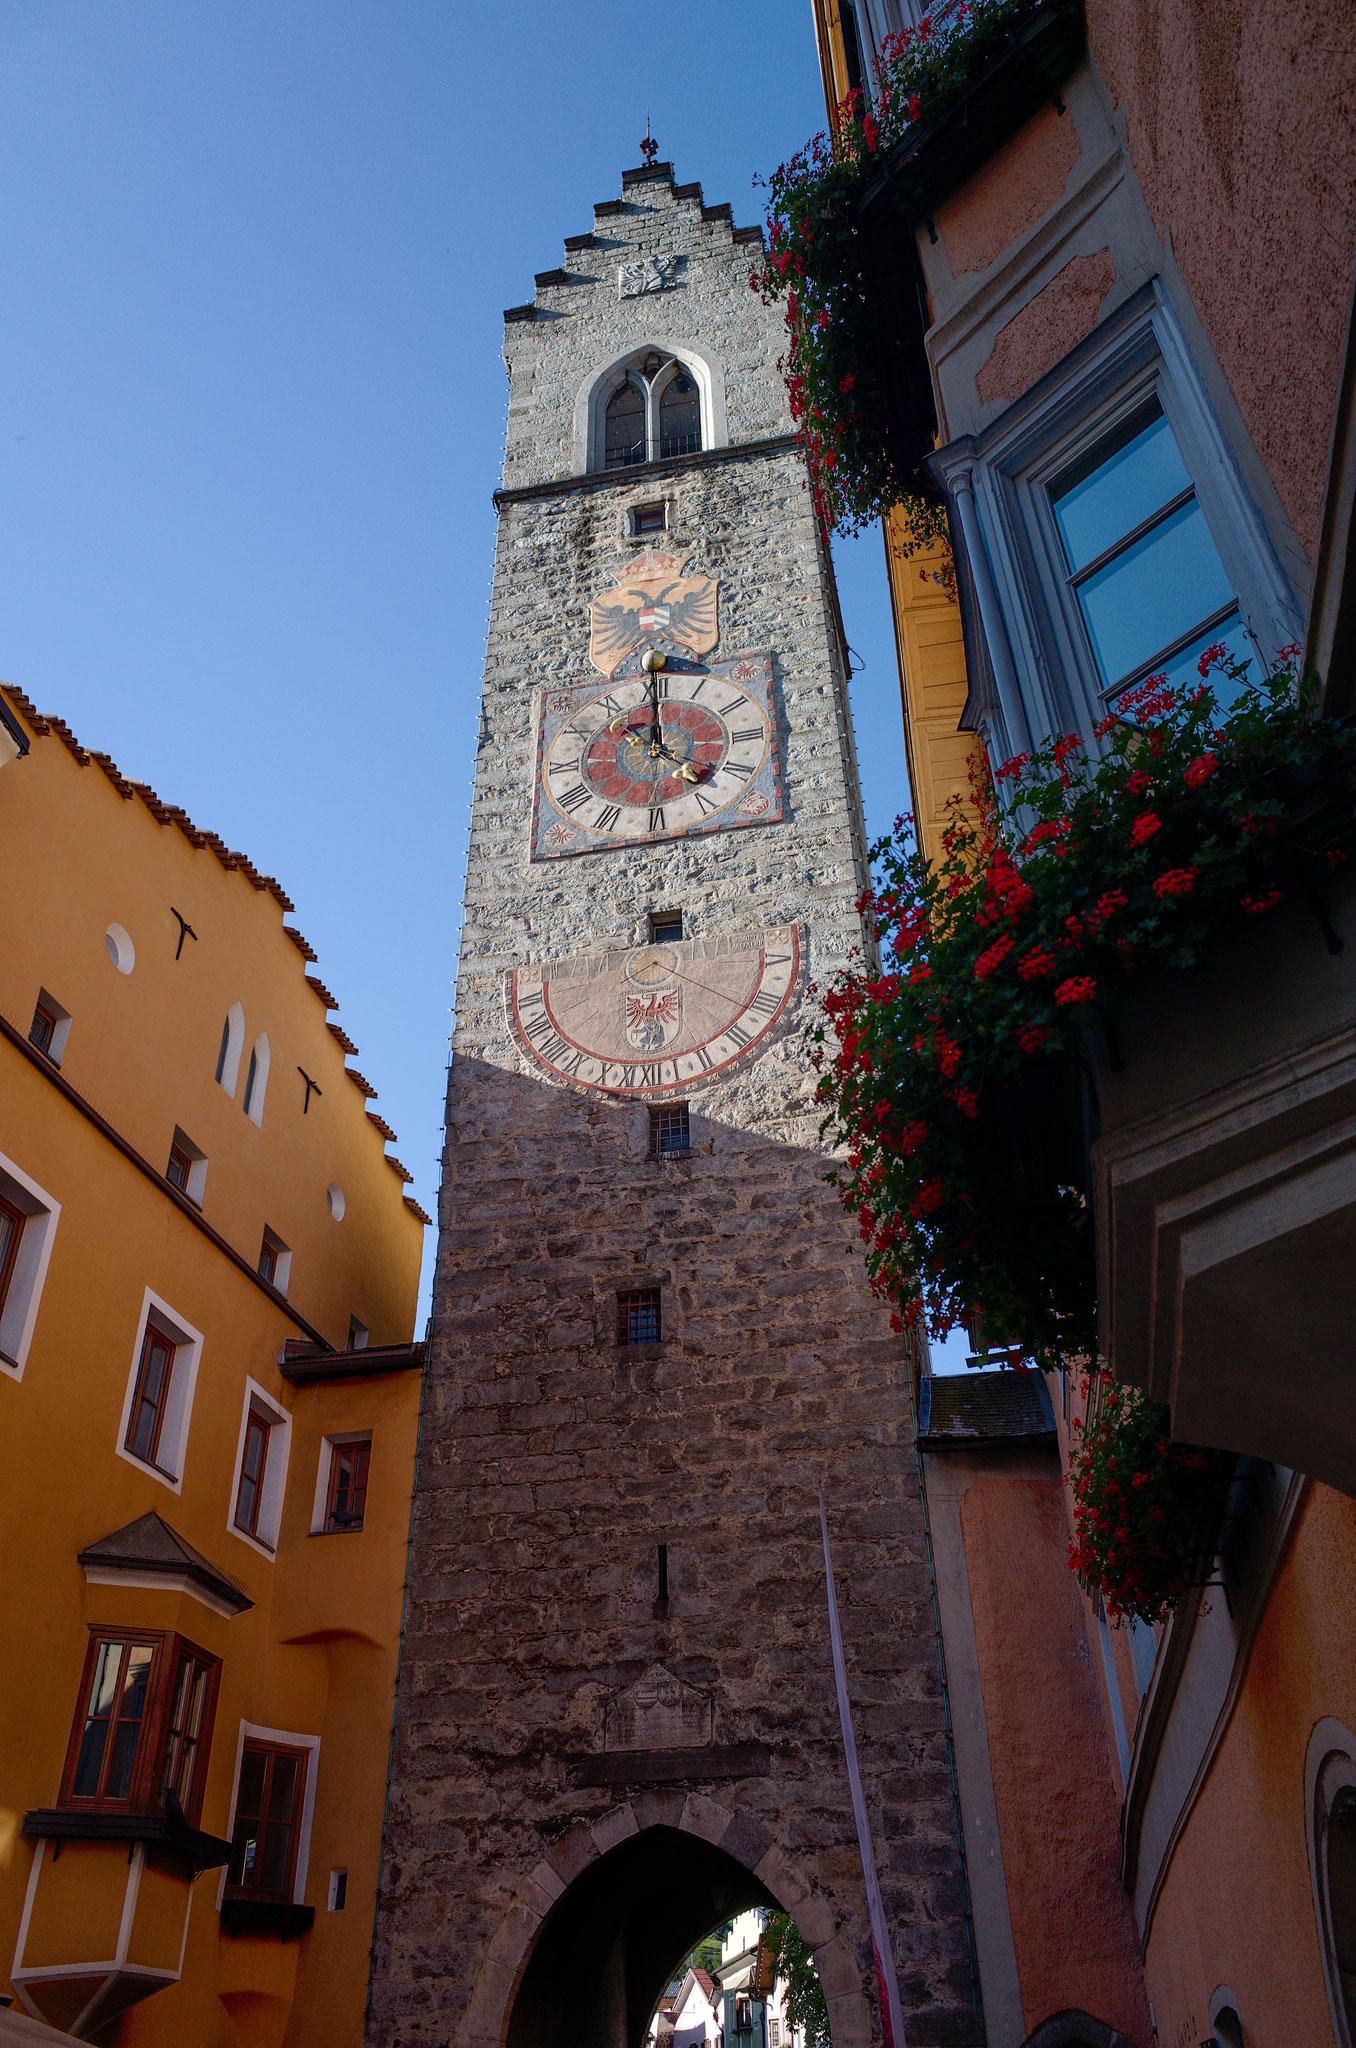 Zwölferturm in Sterzing, Norditalien, 5.9.2020